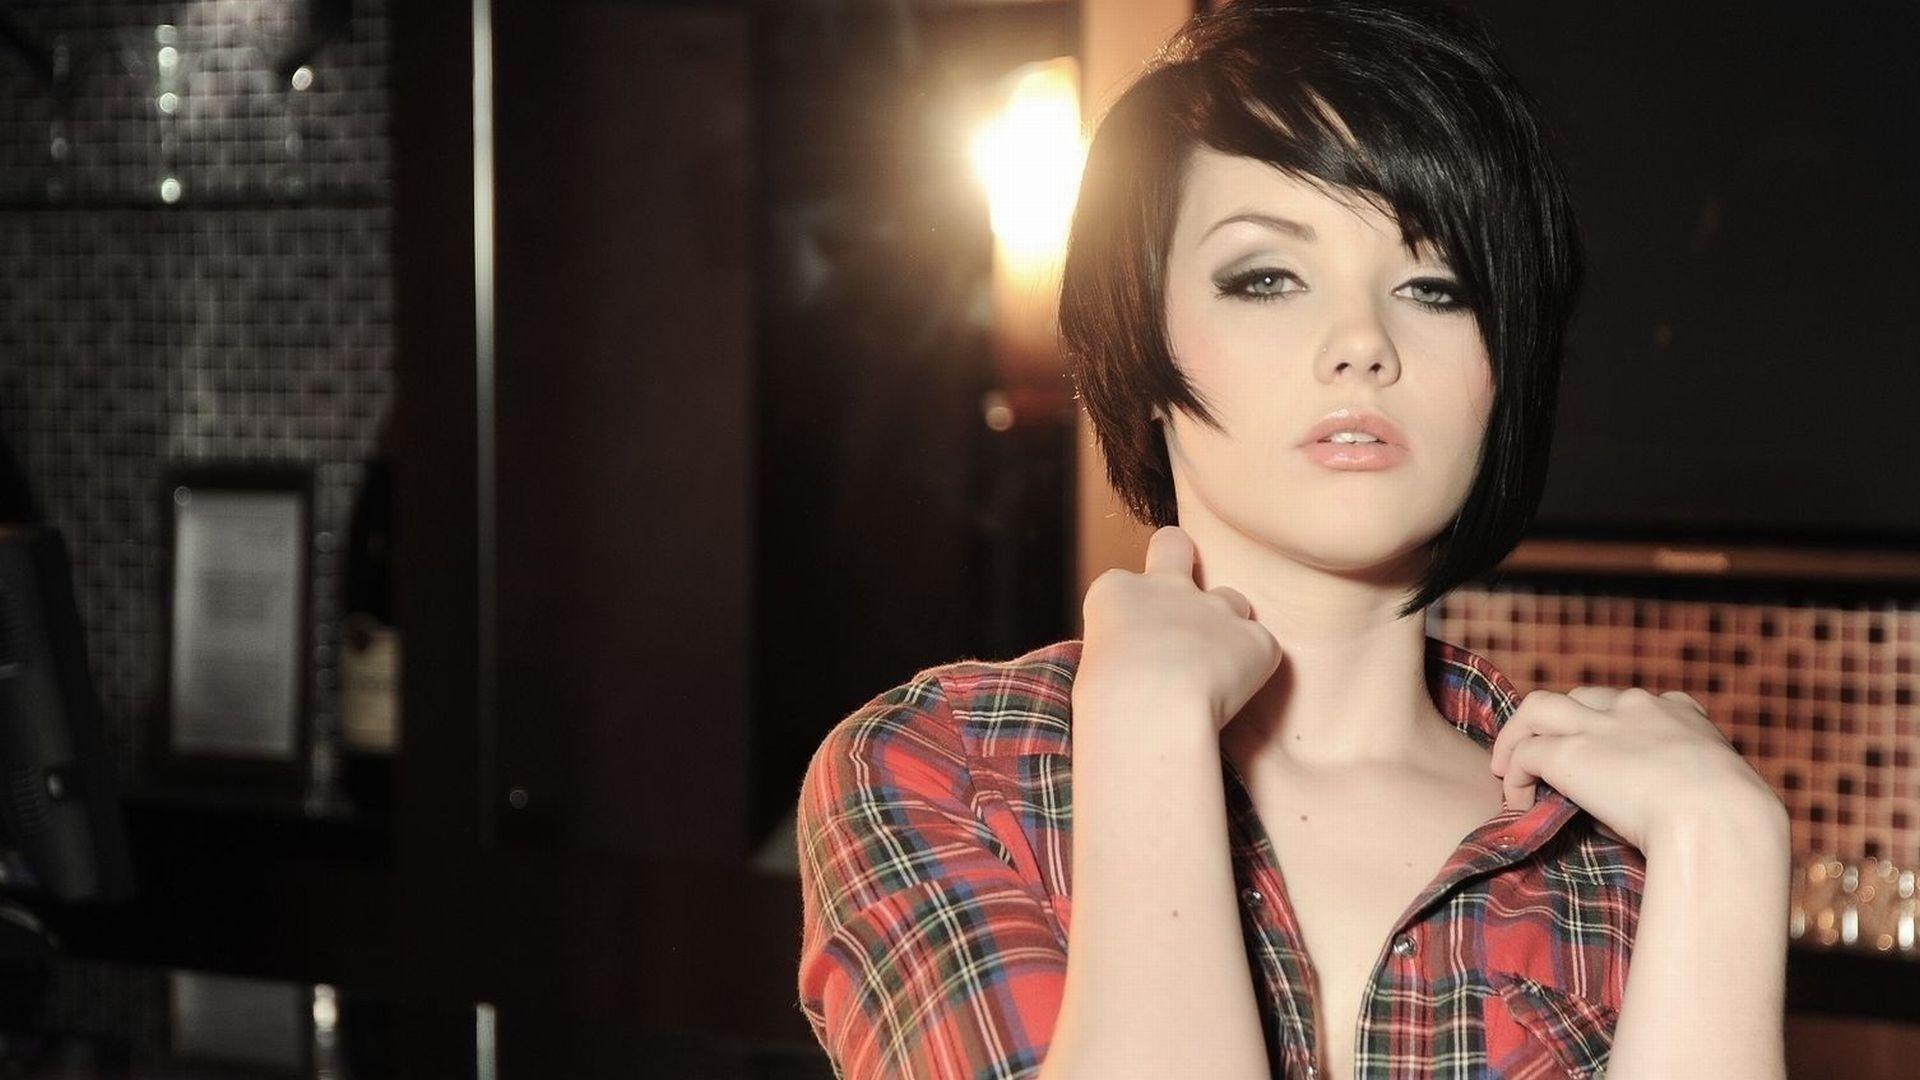 Красивые девушек с короткой стрижкой брюнетки